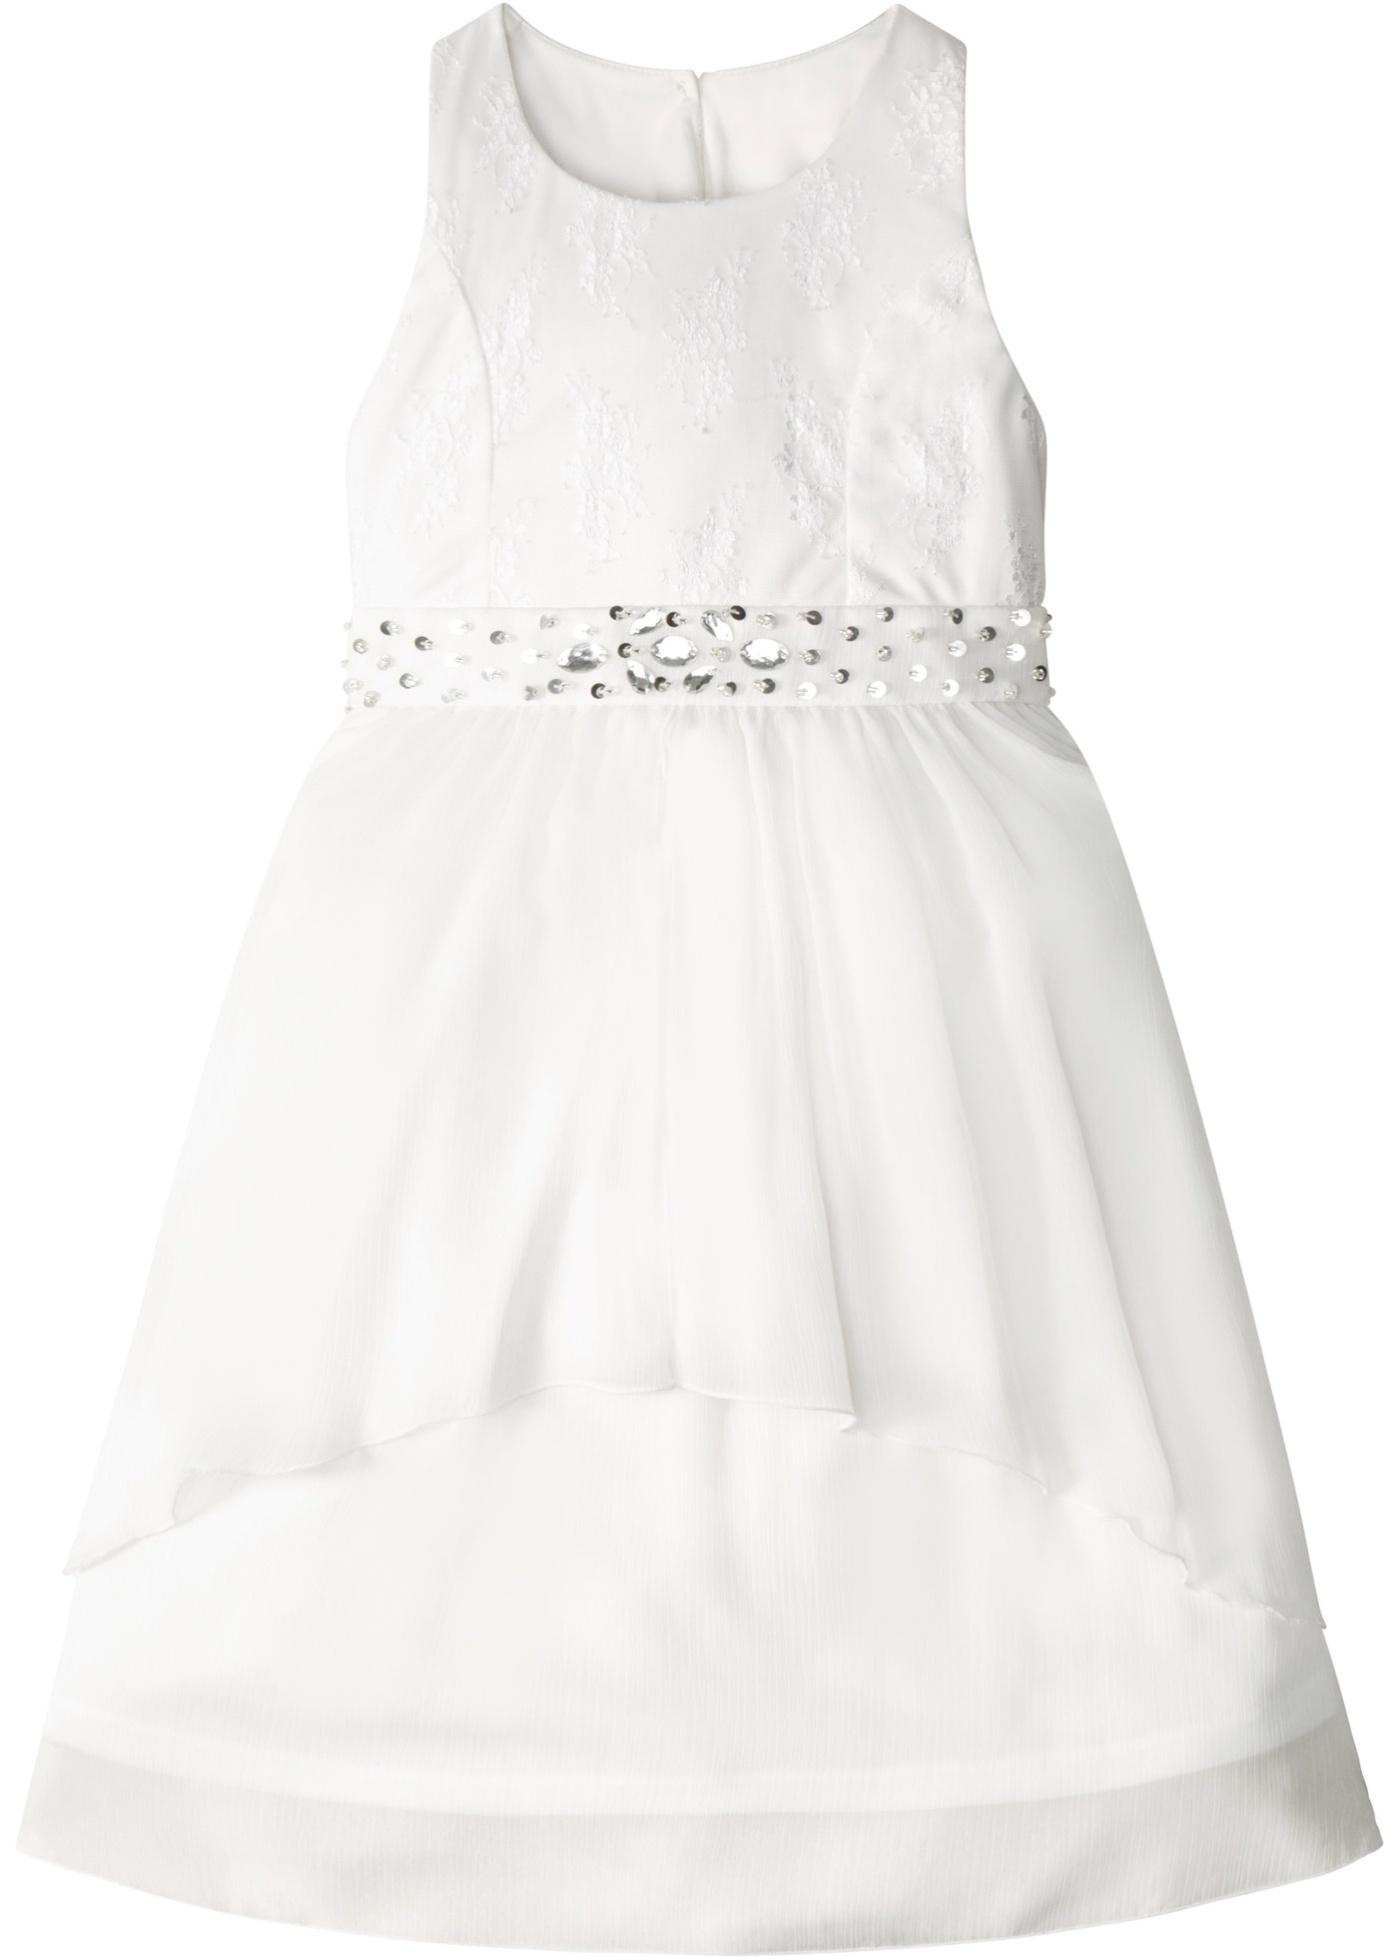 Bonprix Mädchen,Kinder Kleid mit Spitze und Pailletten | 08902497117686